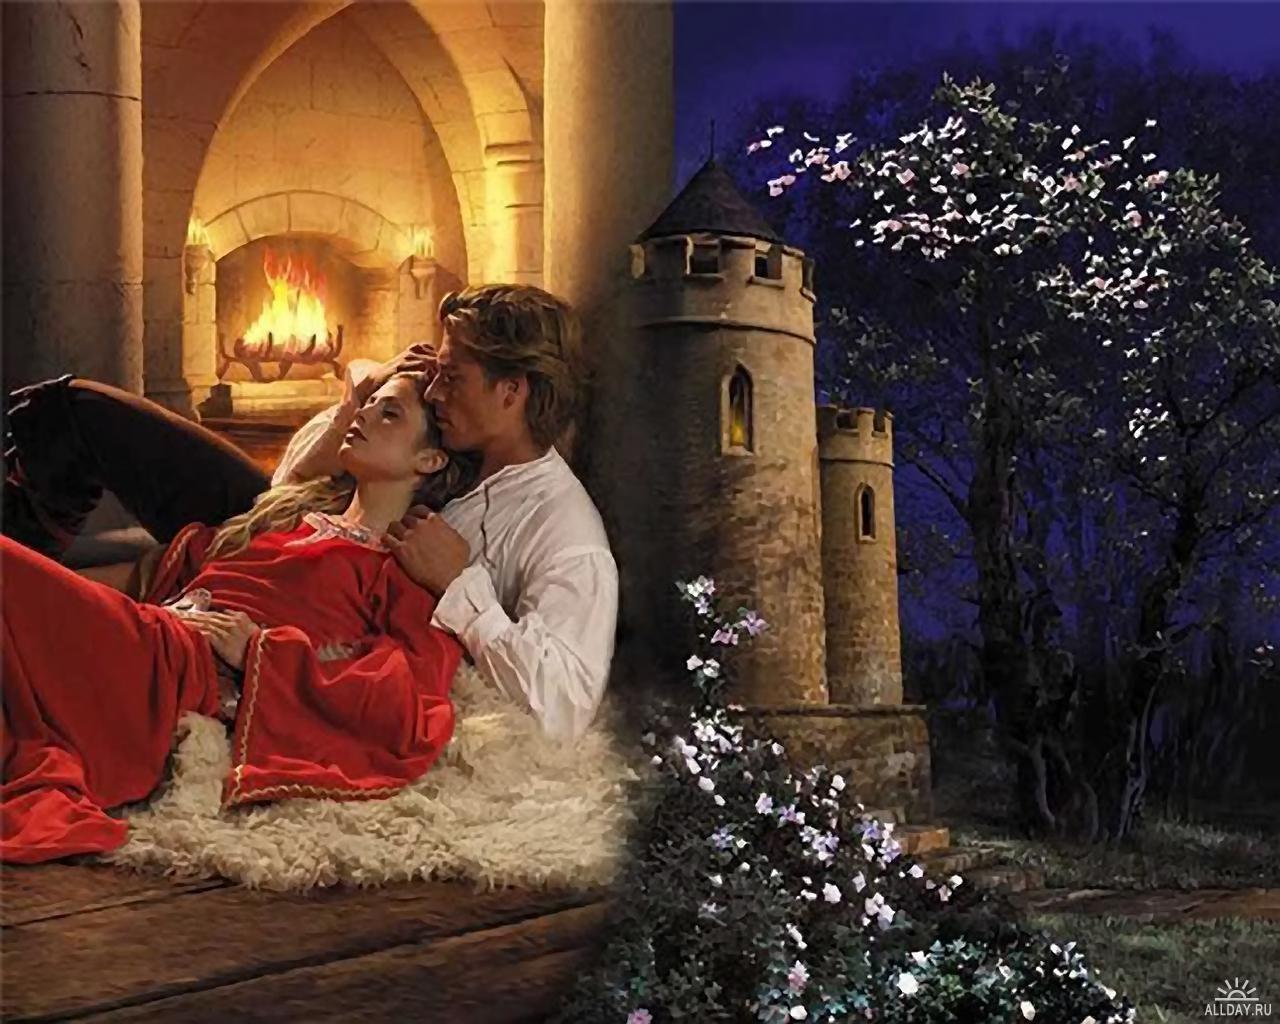 Сны о любимом: женские сновидения и интуиция